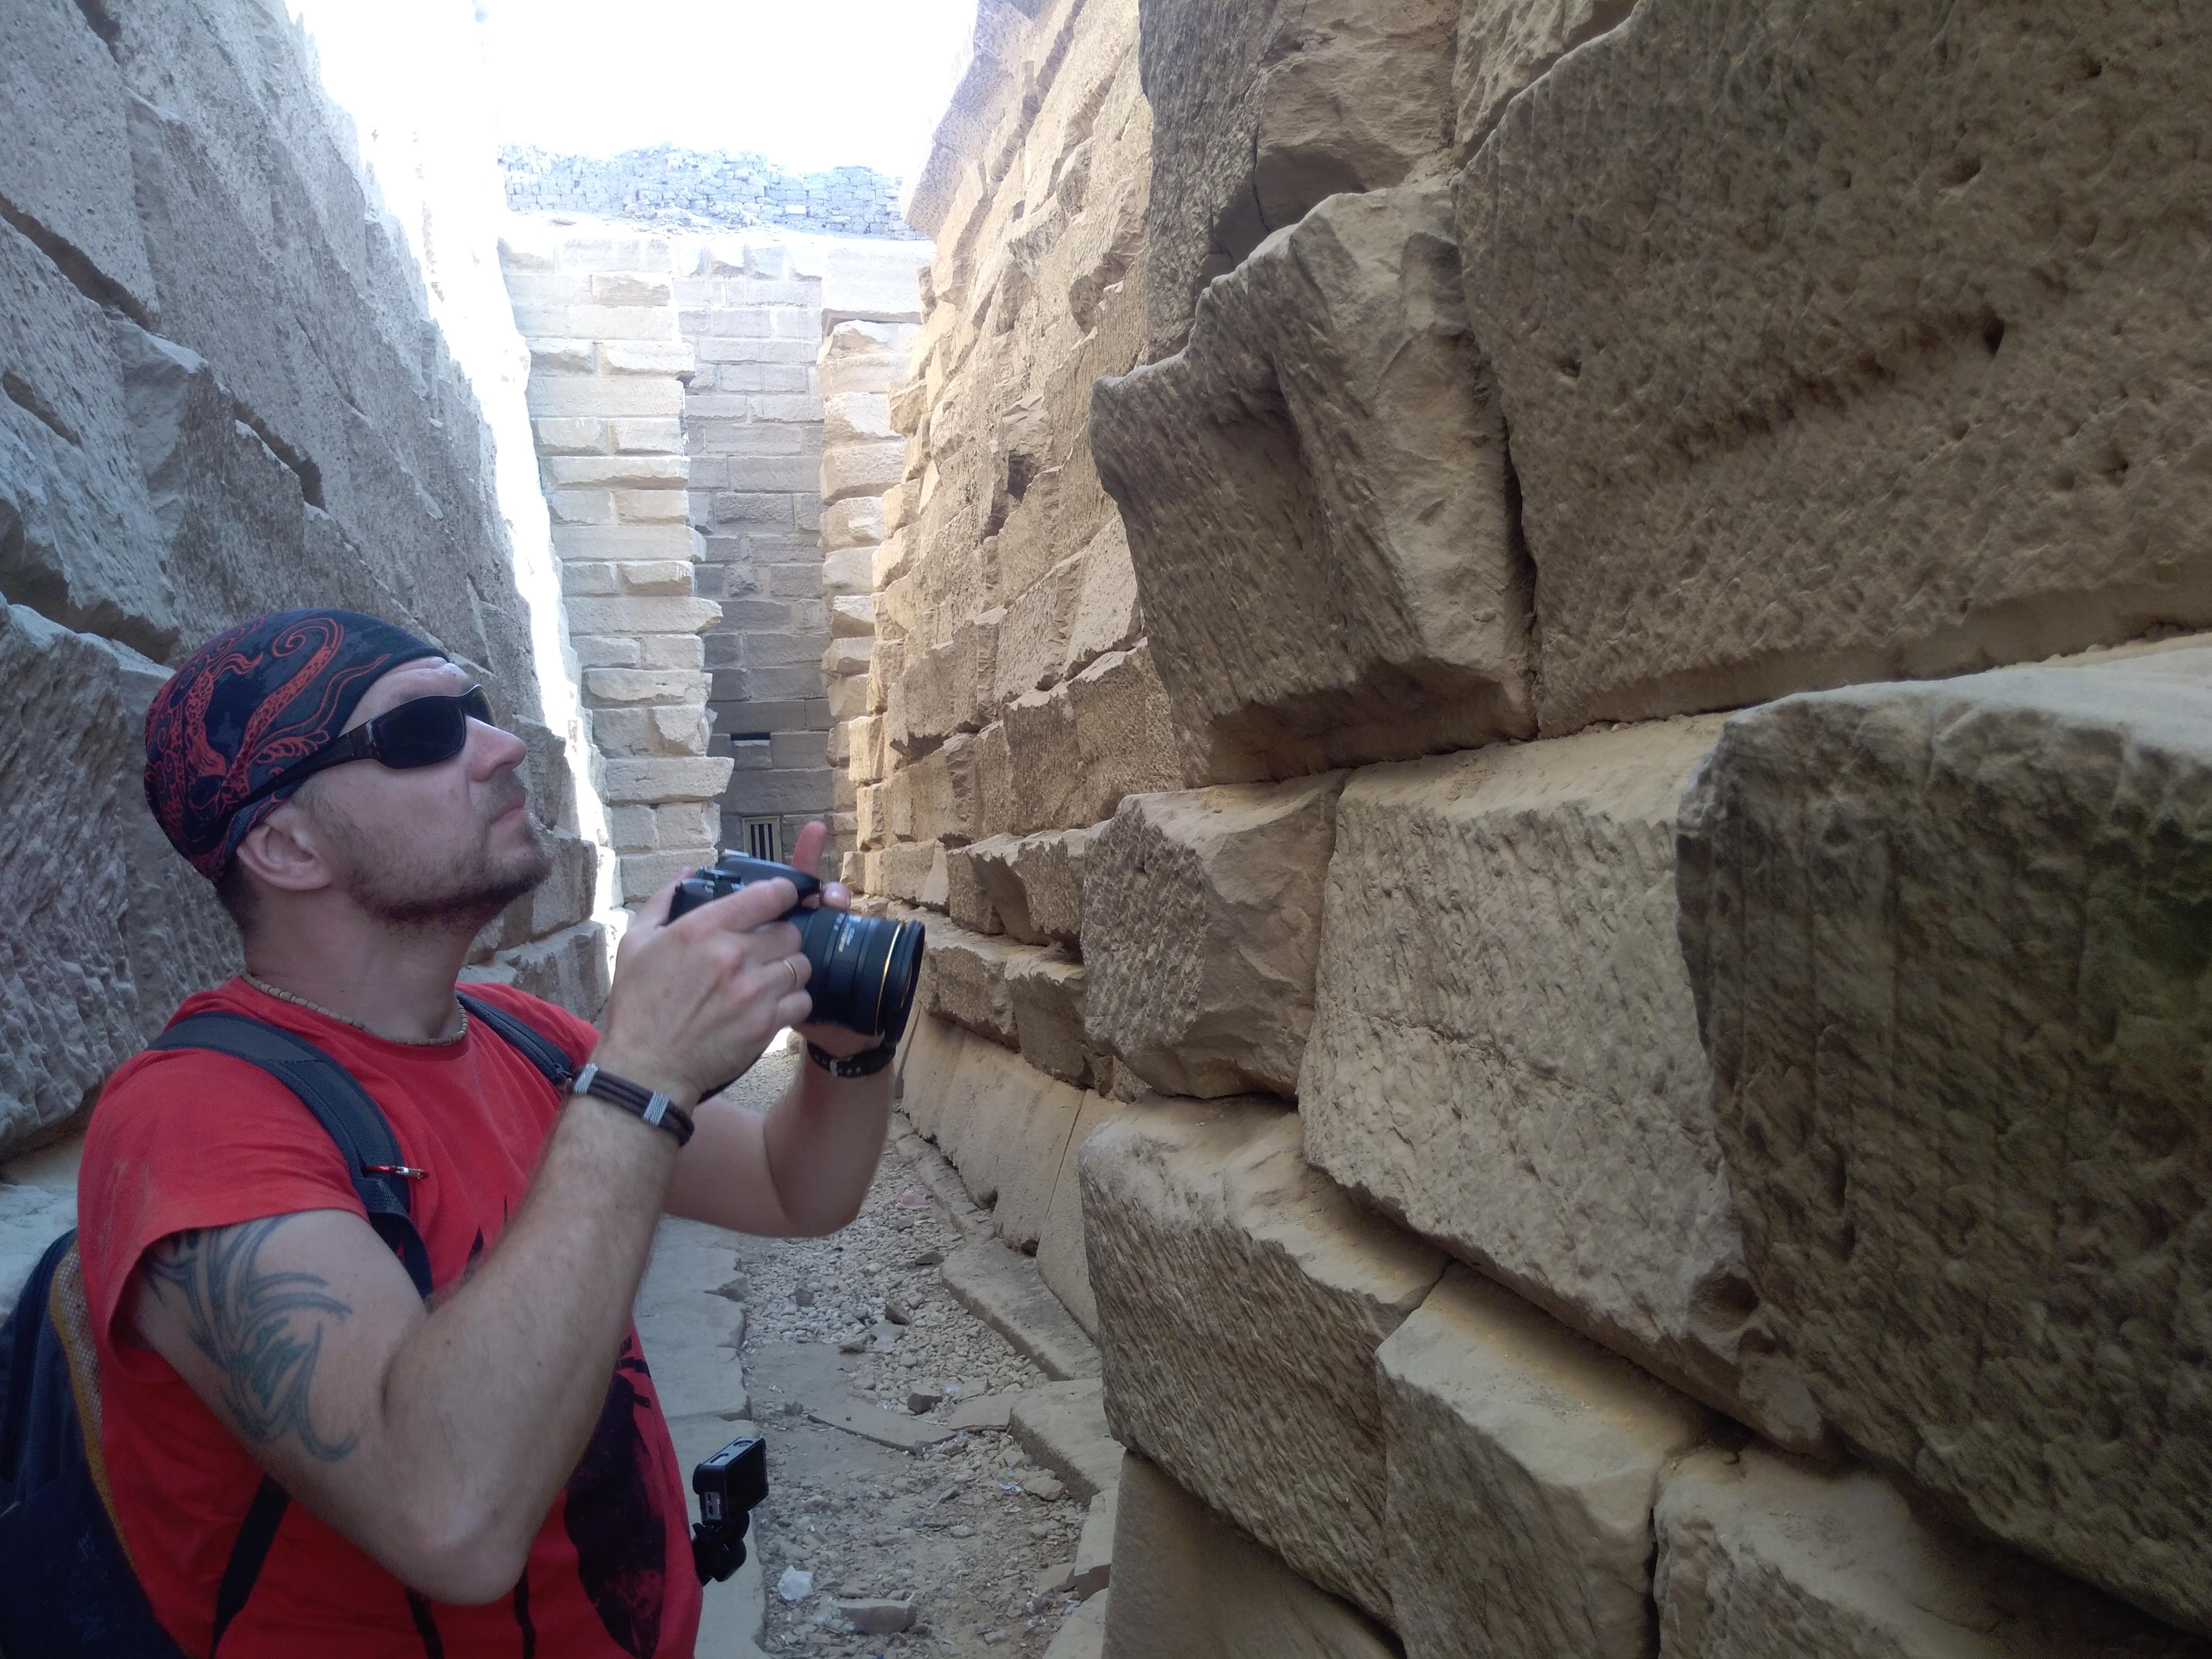 Незаконченная стена храма Сети II вКарнаке